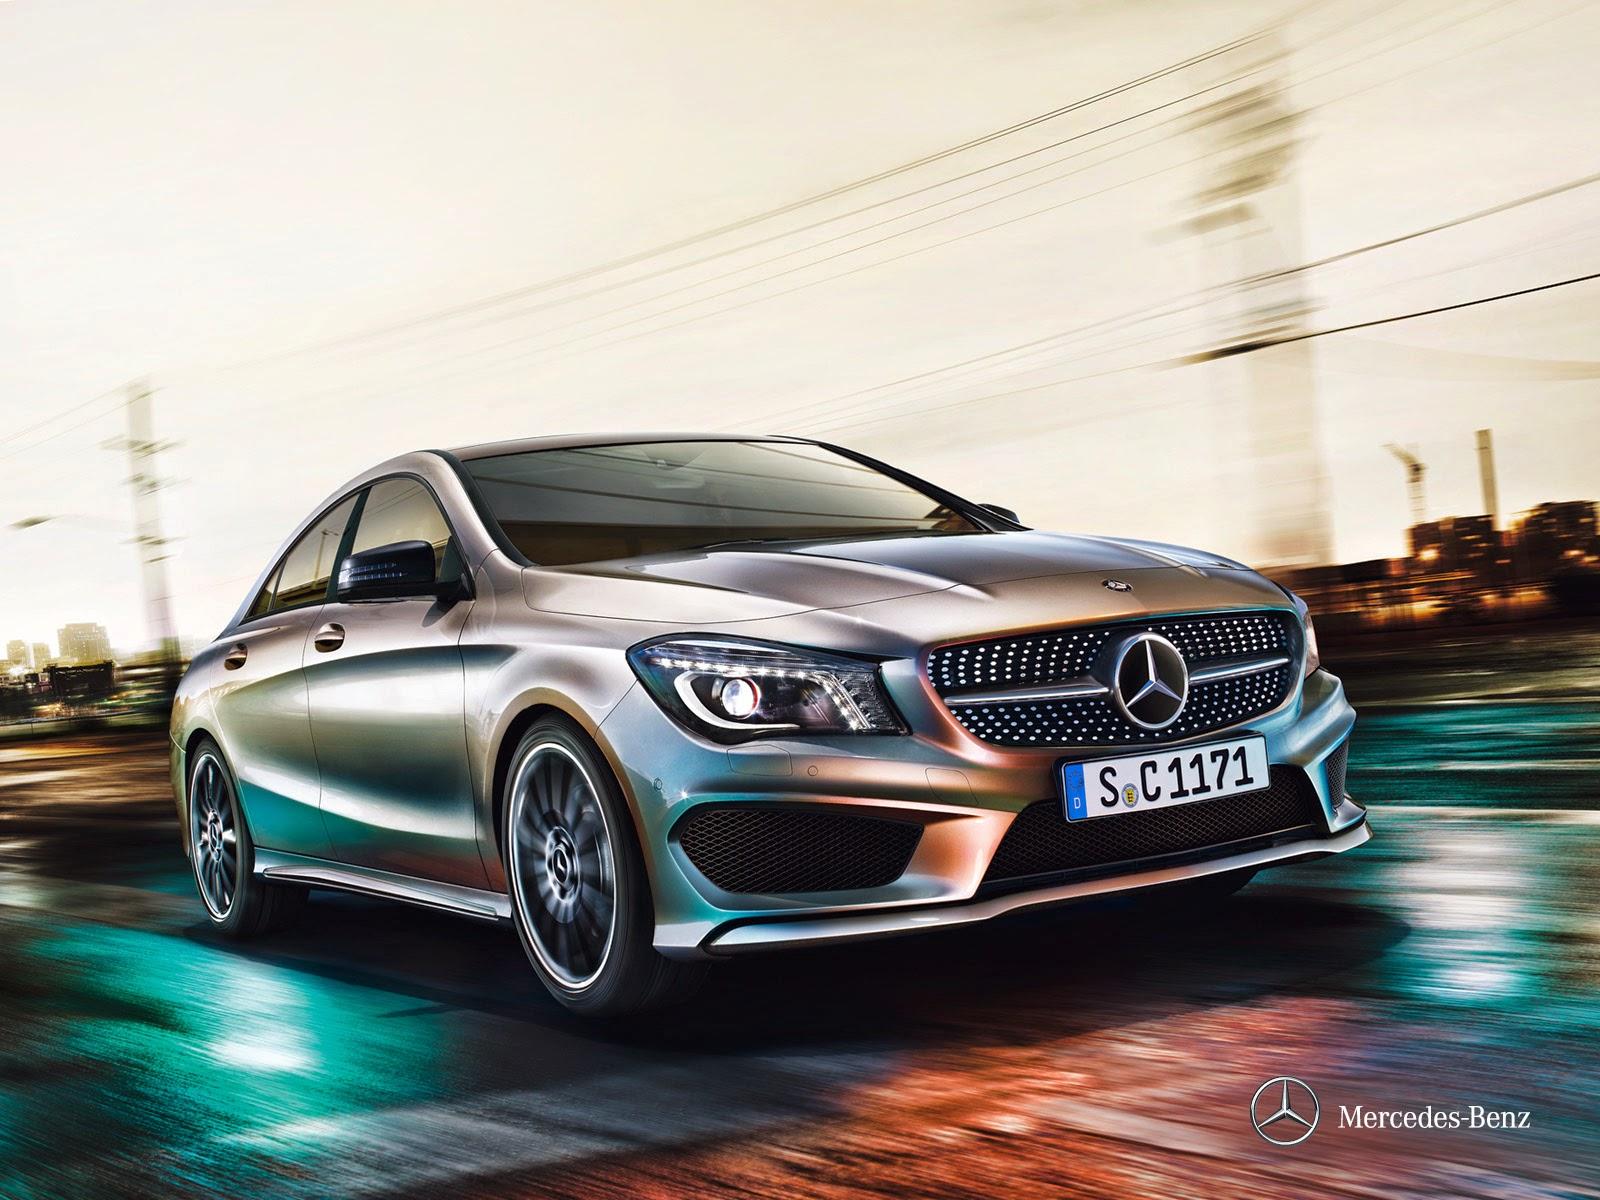 Mercedes Benz CLA Class Spesification Indonesian Market